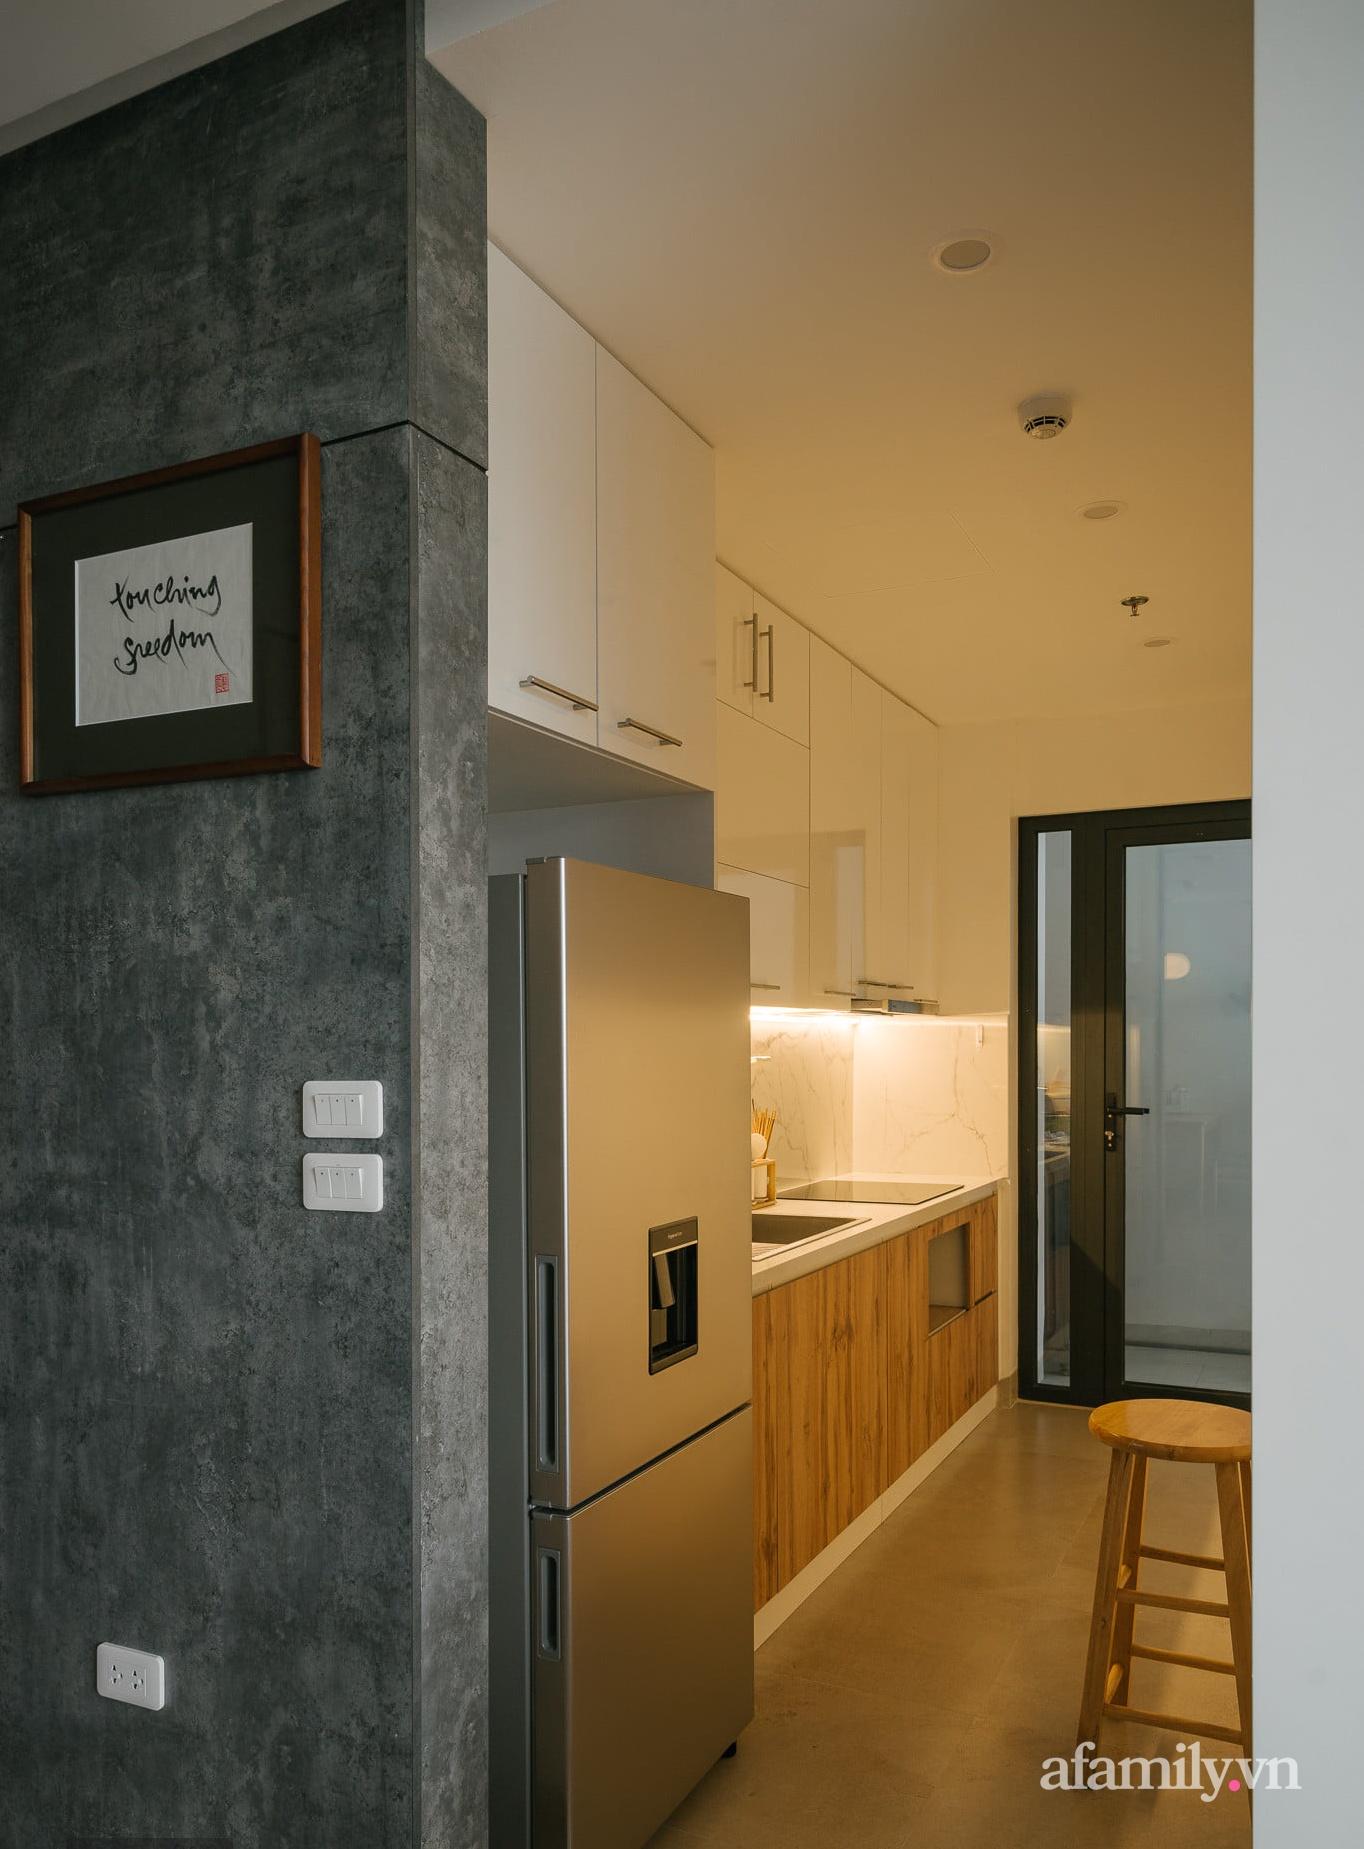 Sau 27 ngày cải tạo, chàng trai không nhận ra căn hộ 90m² của mình vì góc nào cũng xinh ở Giảng Võ, Hà Nội - Ảnh 11.